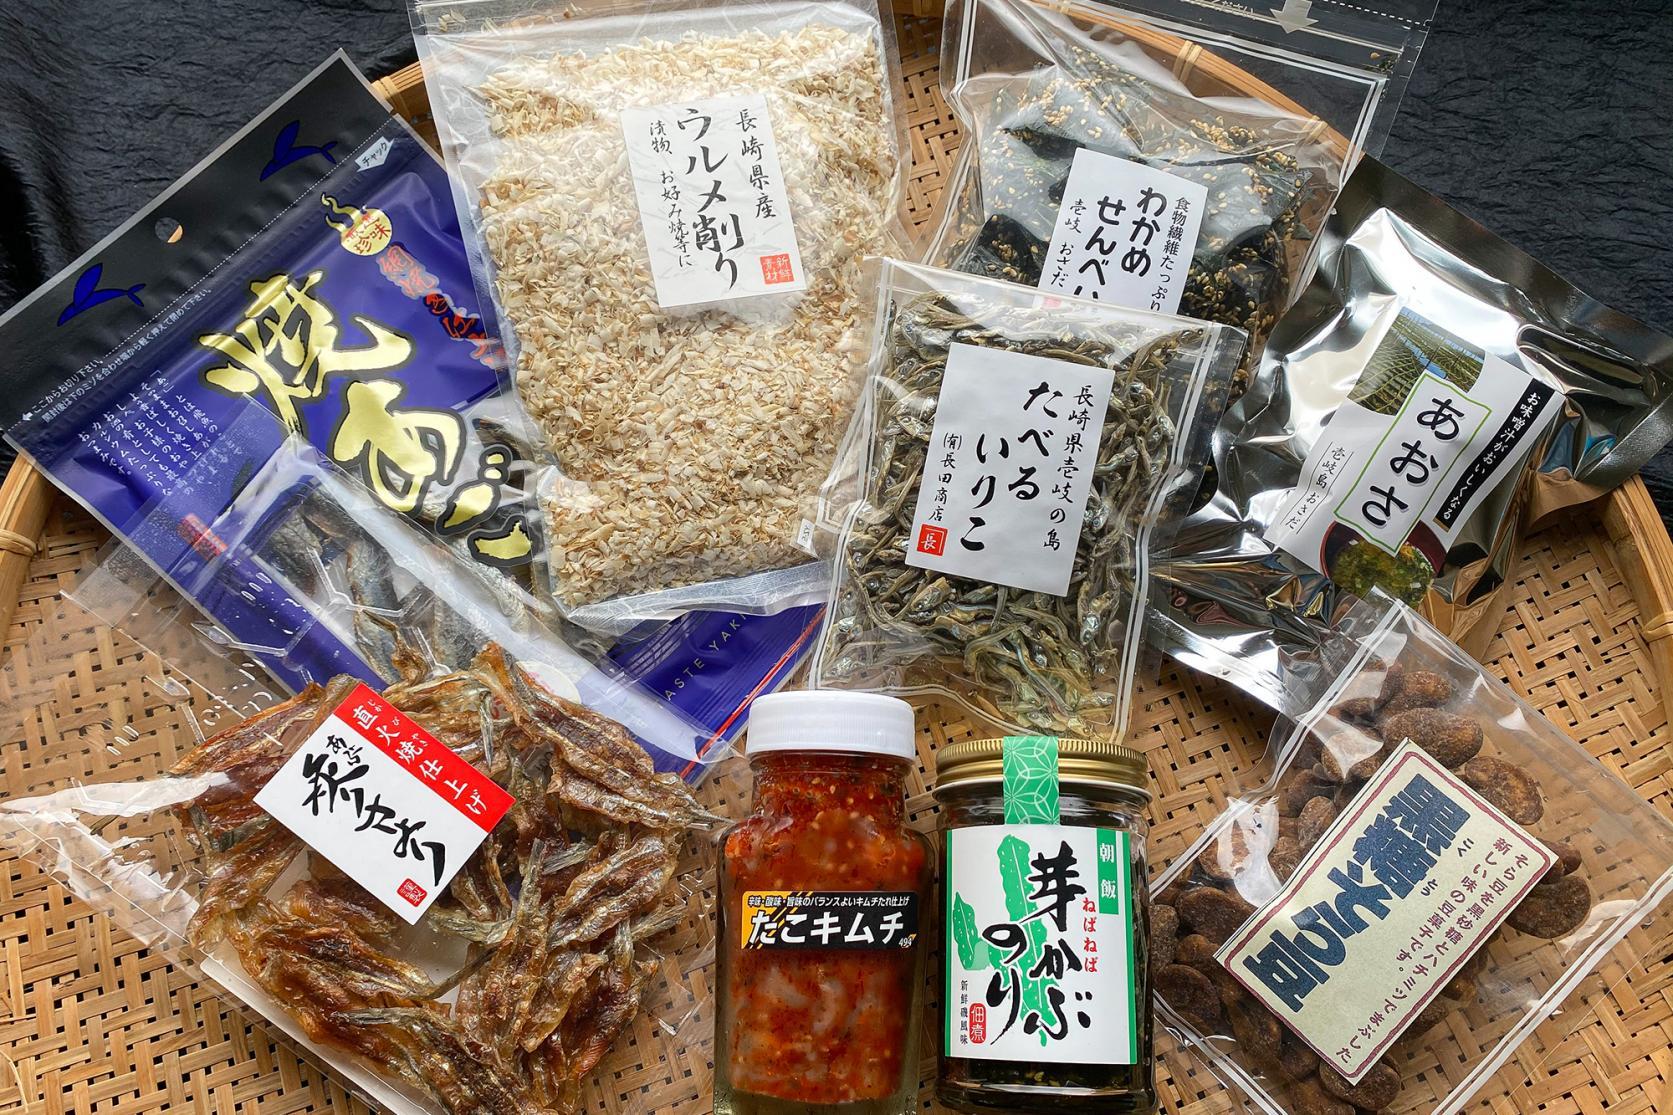 長田商店お買い物サイト-1